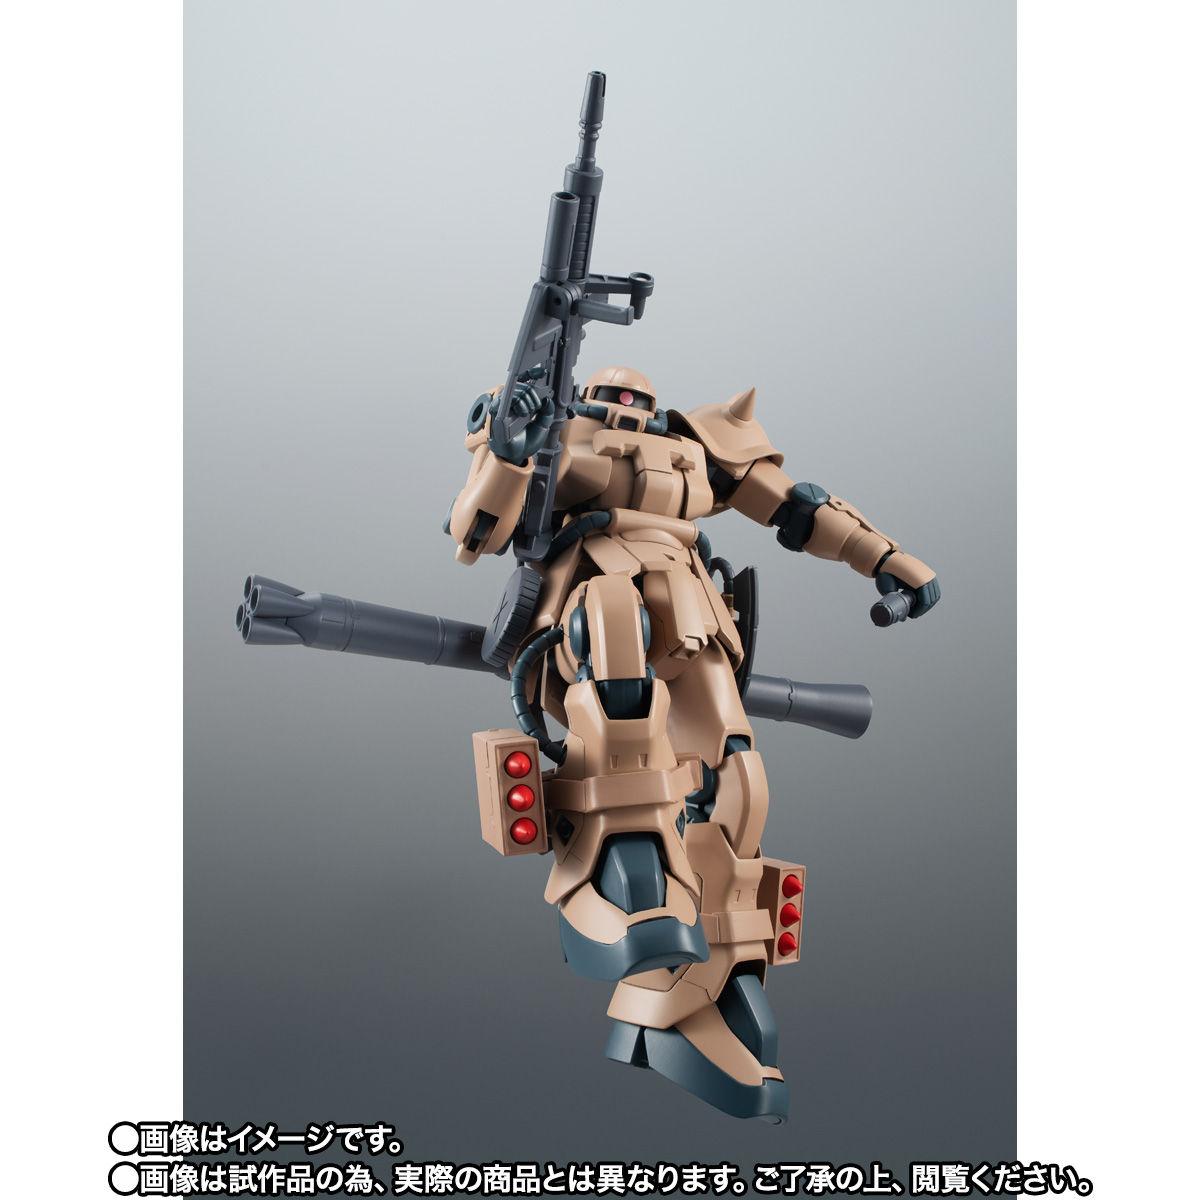 【限定販売】ROBOT魂〈SIDE MS〉『MS-06F-2 ザクII F2型 キンバライド基地仕様 ver. A.N.I.M.E.』ガンダム0083 可動フィギュア-009